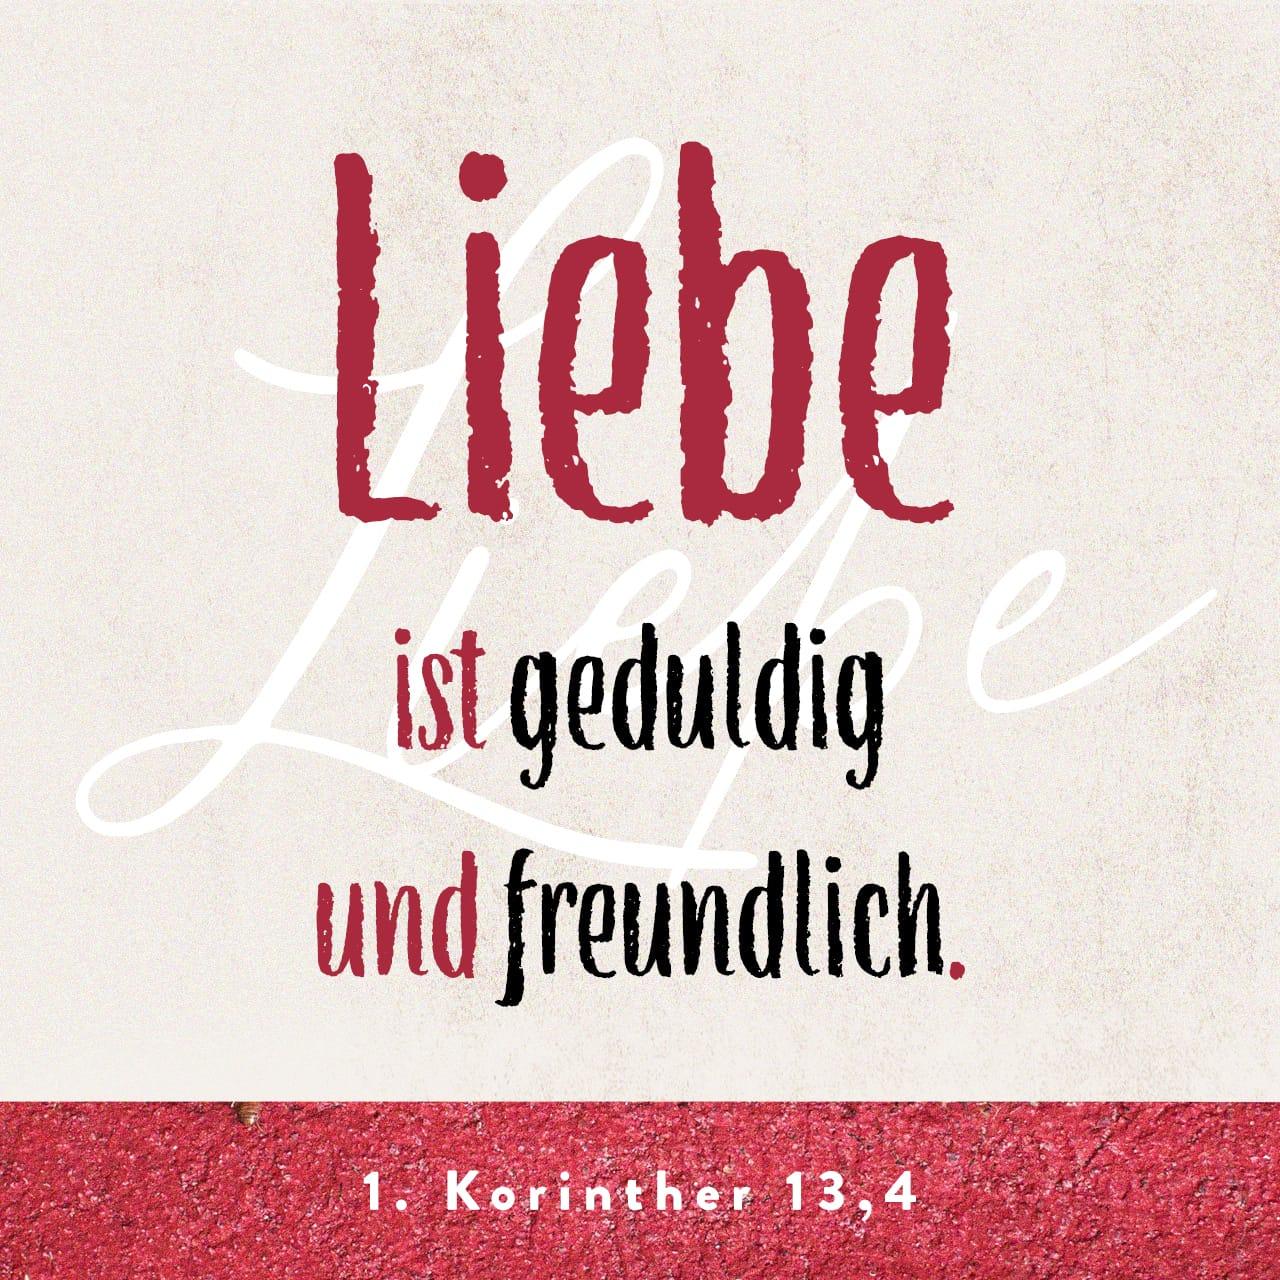 Versbild: Liebe ist geduldig und freundlich. 1. Korinther 13,4